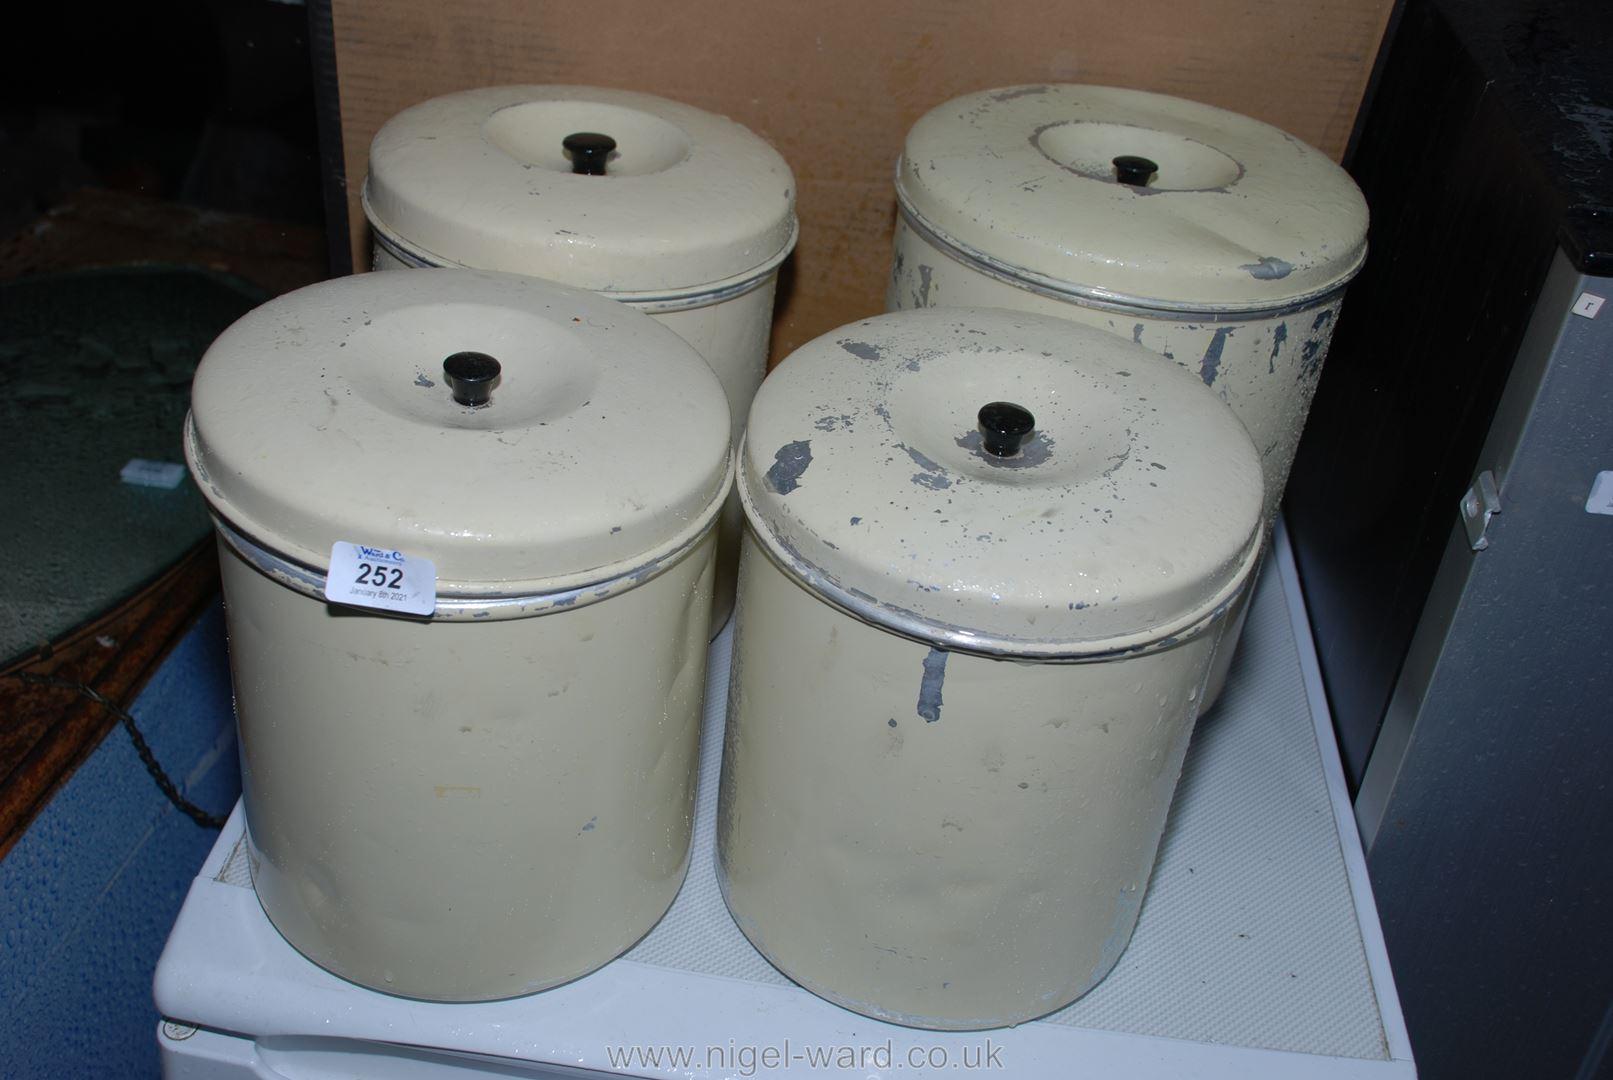 Four painted aluminium kitchen storage pots with lids.